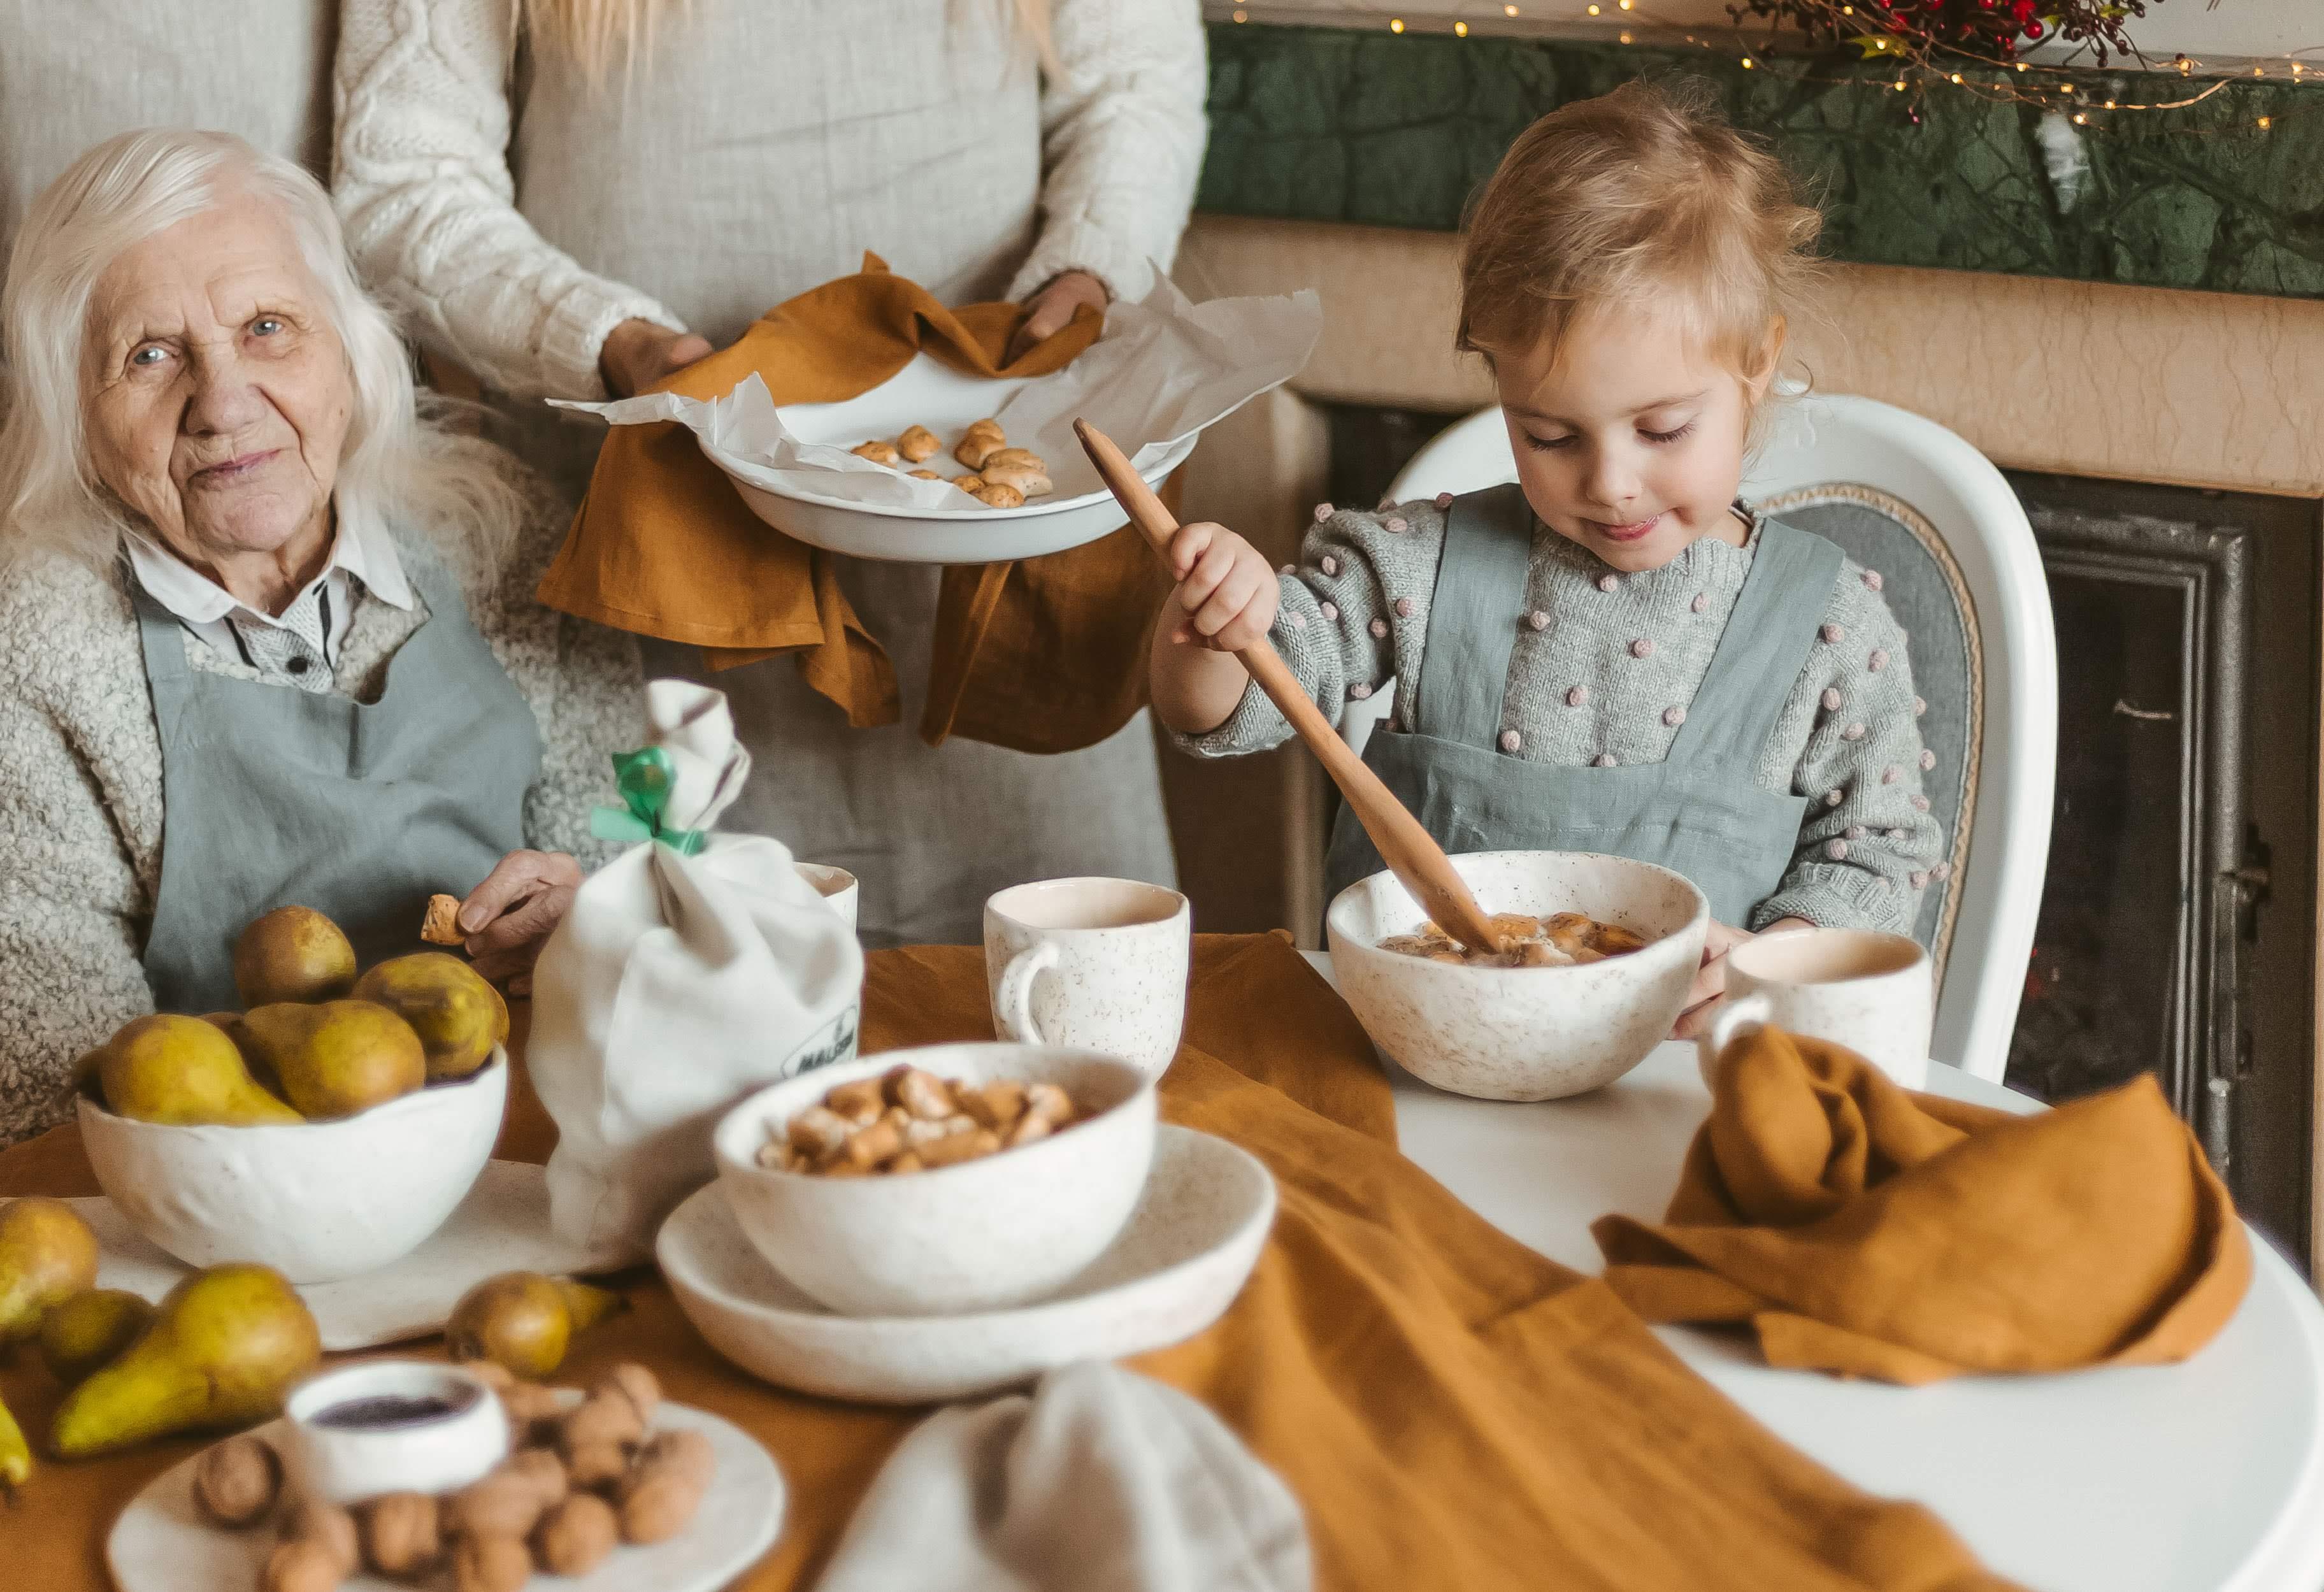 Tradicinis šeimos kučiukų kepimo procesas | Bertos Garuckės asmeninio albumo nuotr.